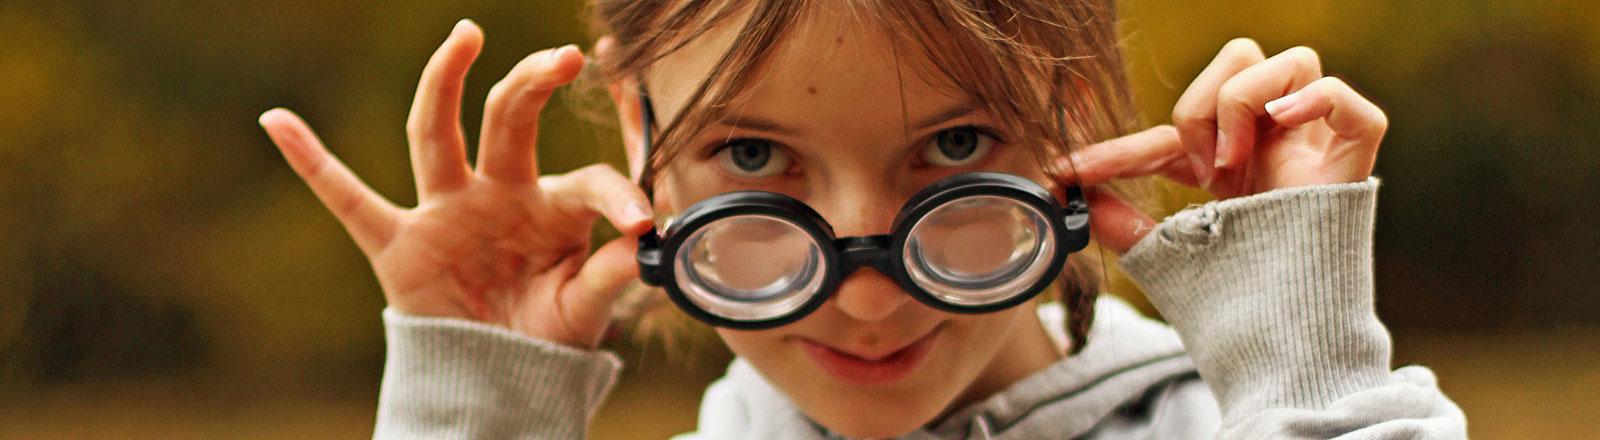 Mädchen greift sich an die Hornbrille